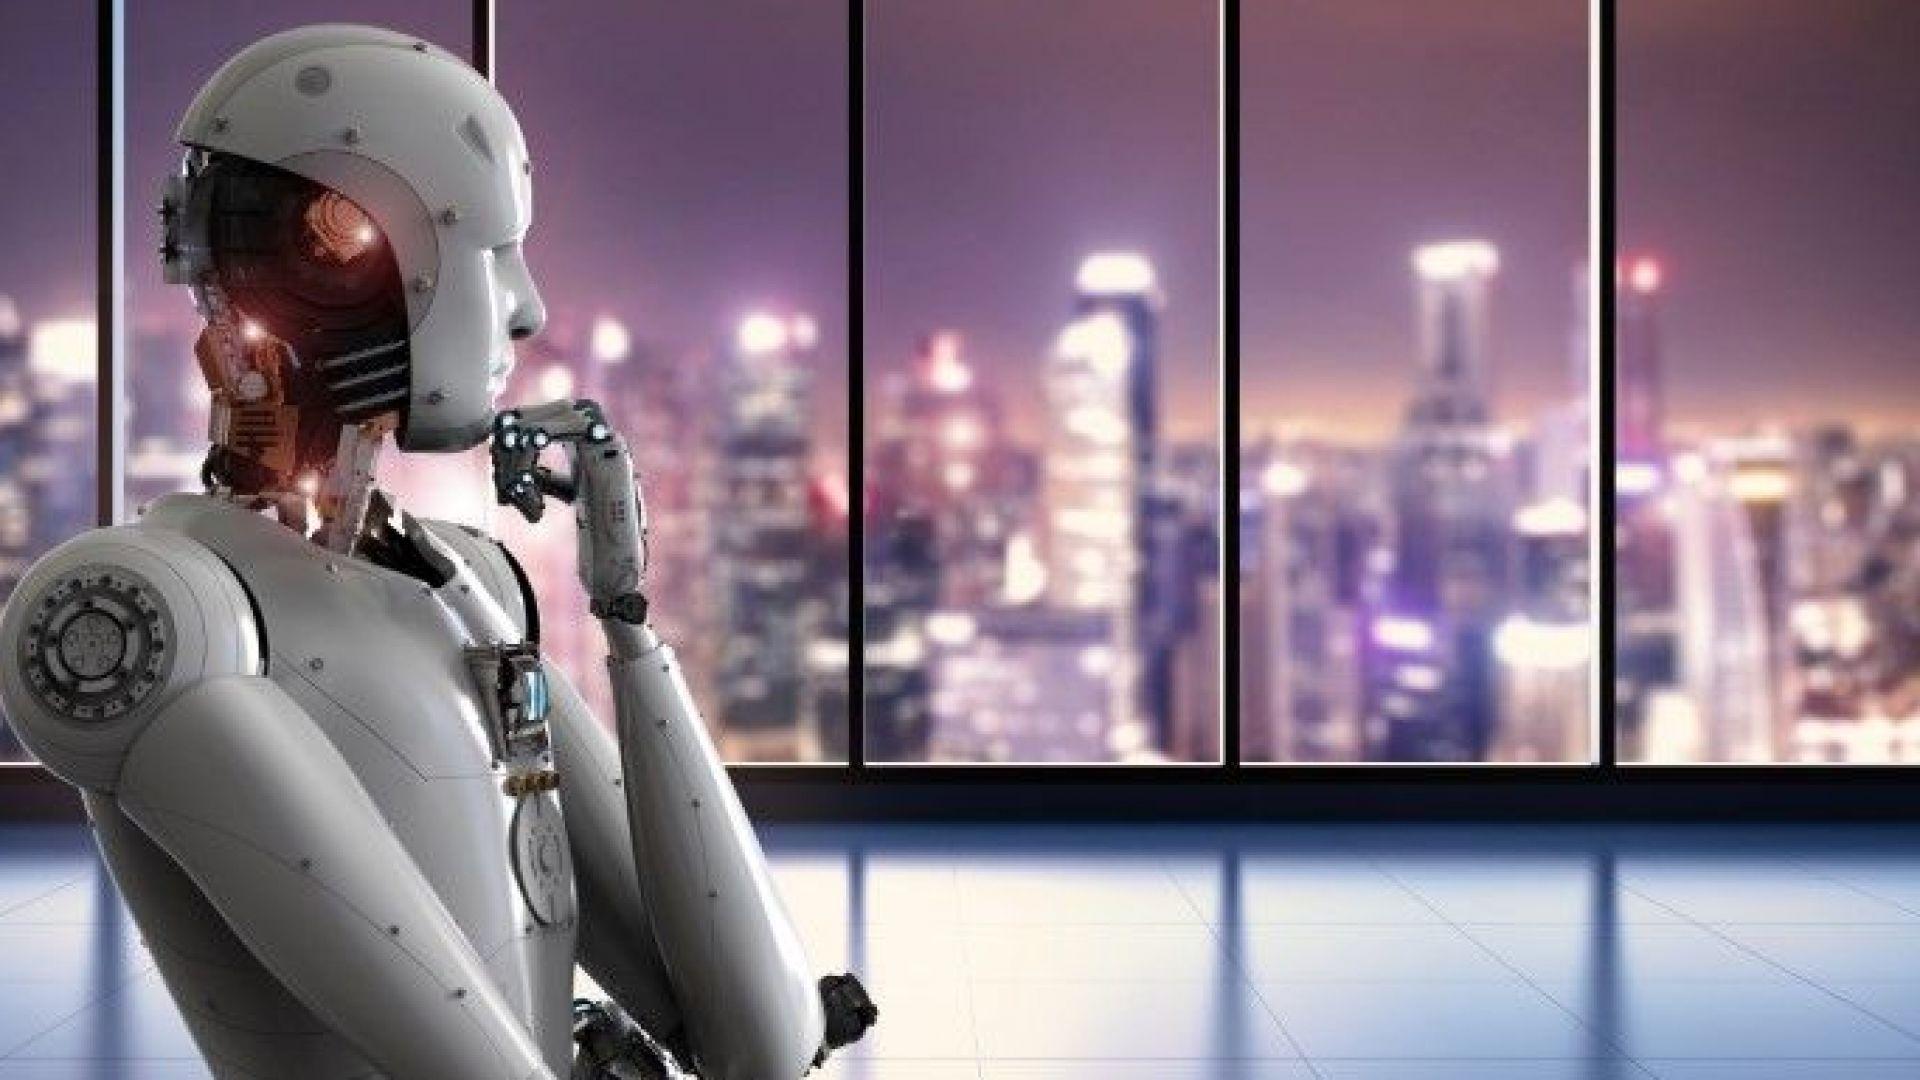 Трябва ли да се страхуваме, че роботите ще вземат нашата работа